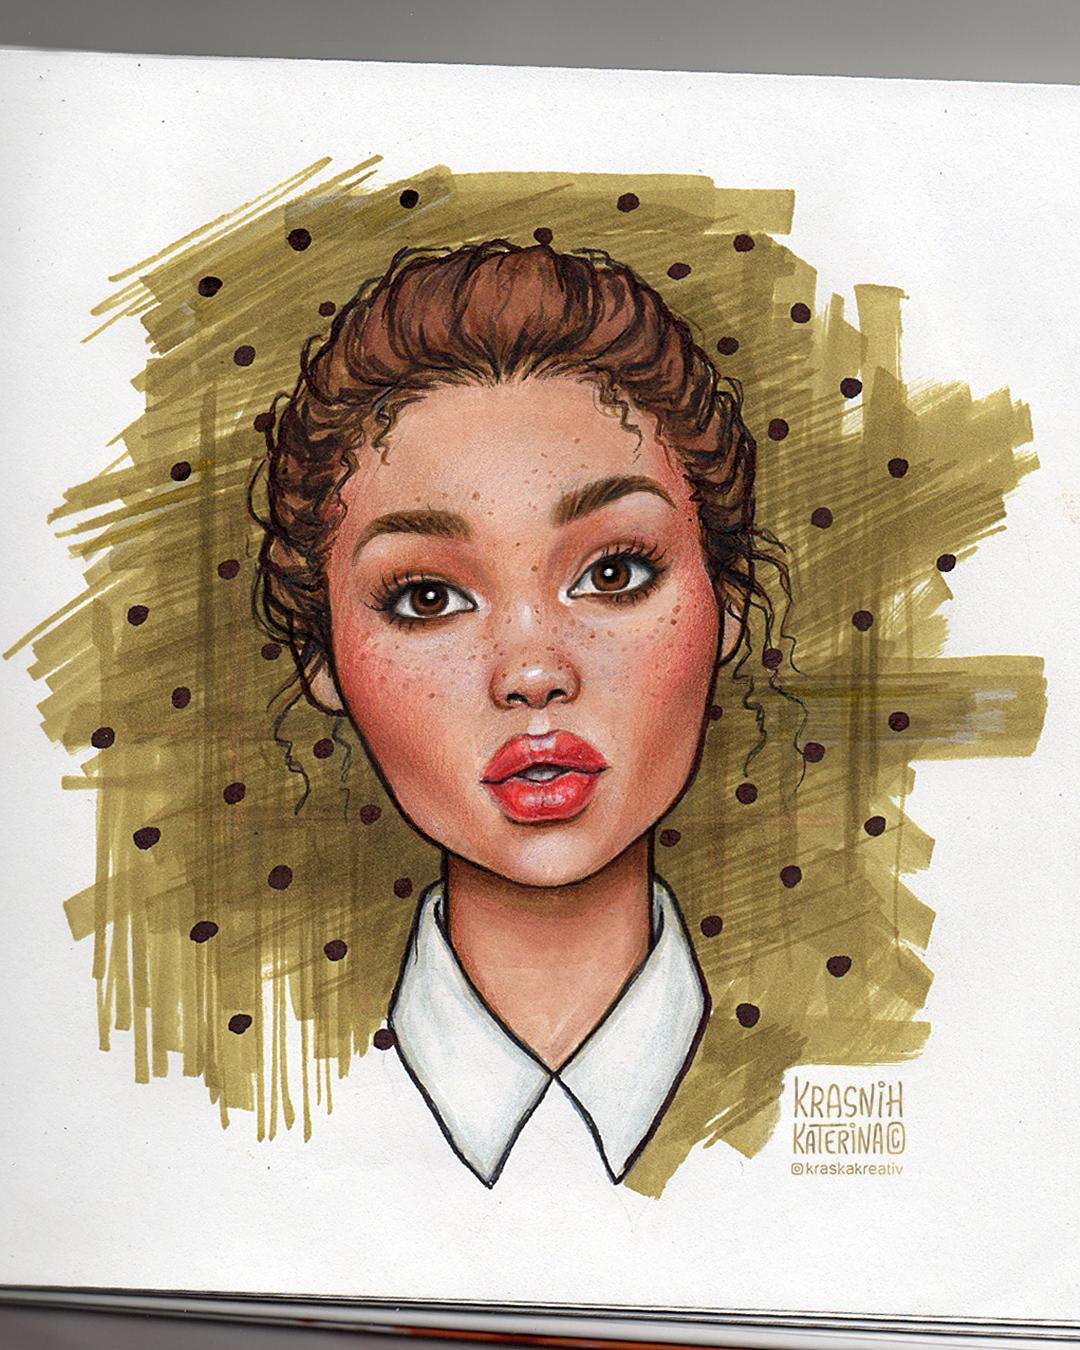 портретная иллюстрация в мультяшном стиле